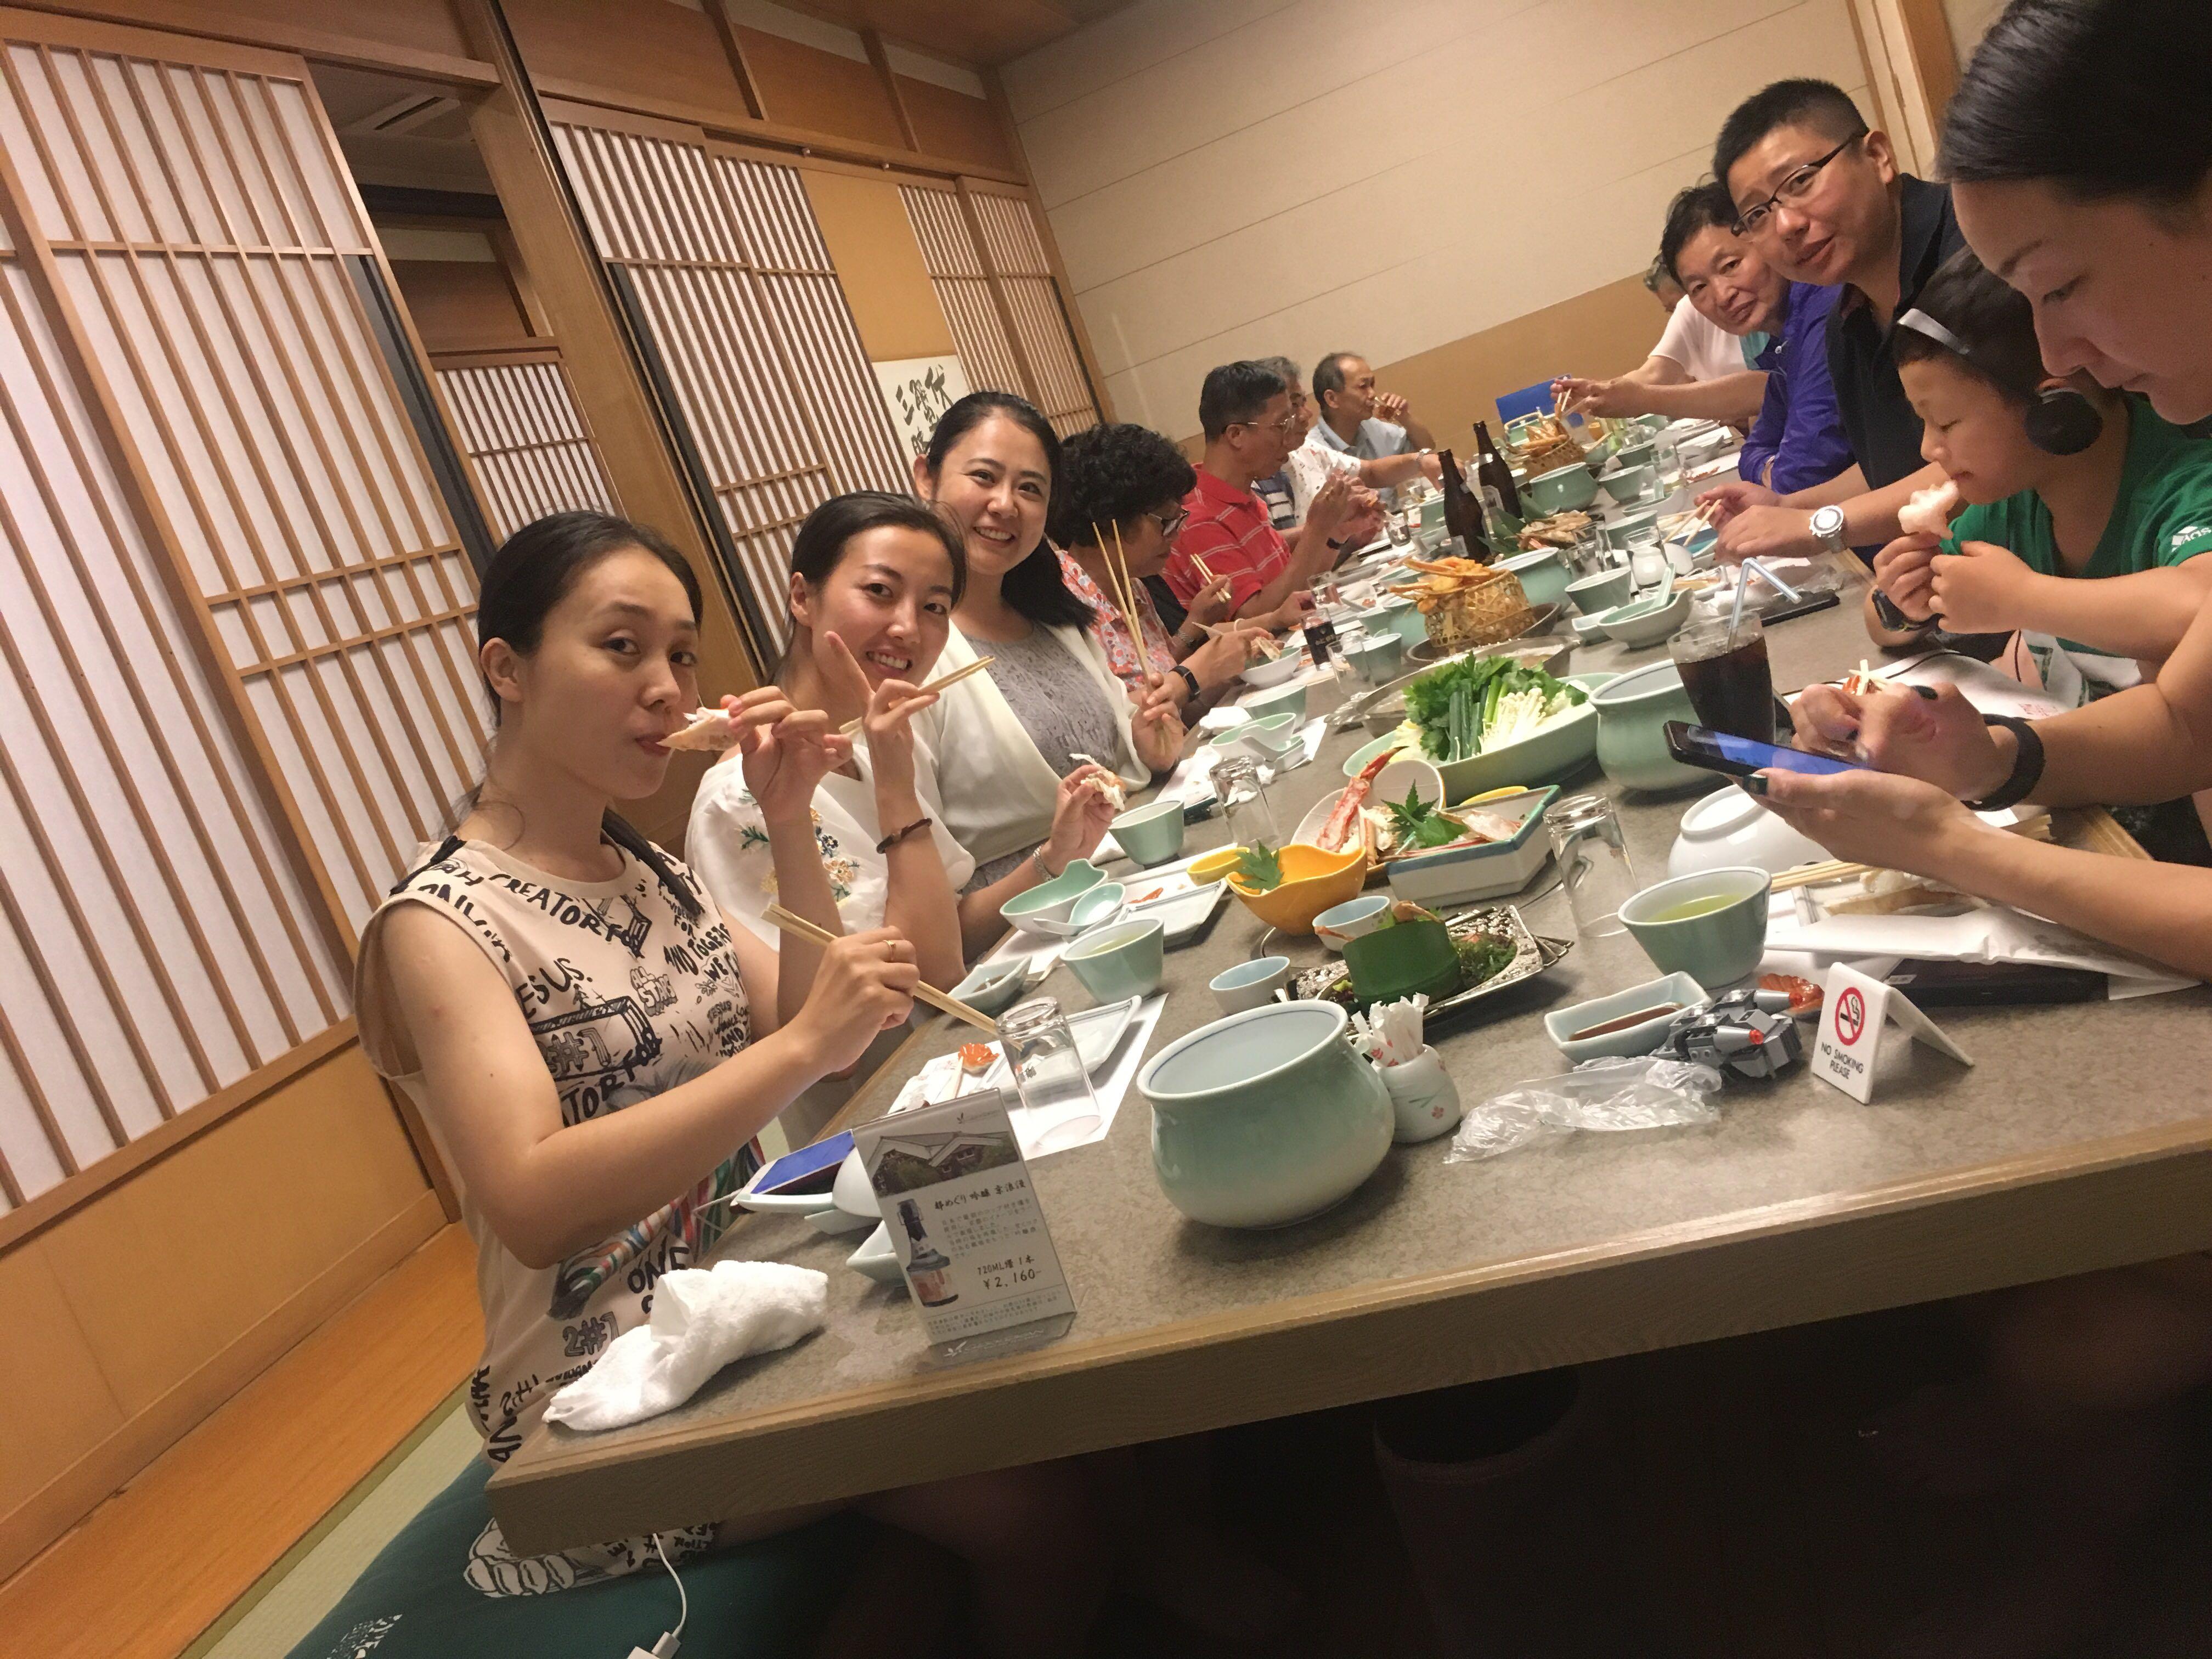 京都站豪华一户建(京都旗舰店)特级免震